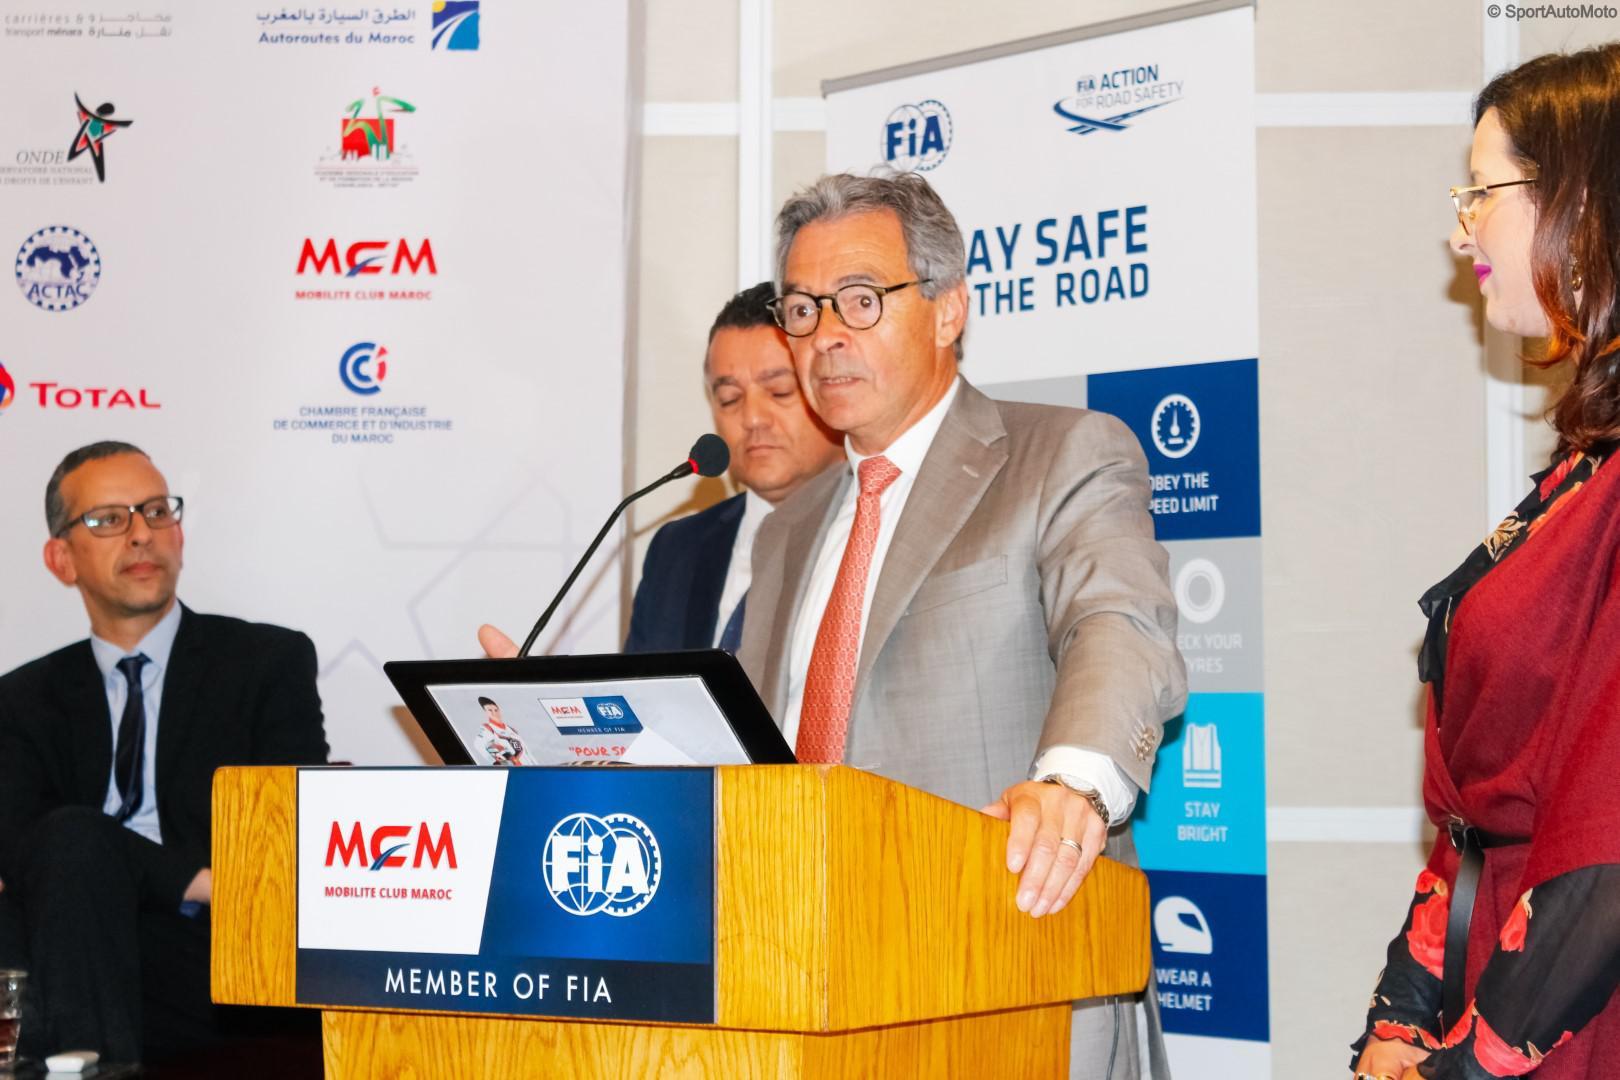 mobilite-club-maroc-mcm-devoile-son-programme-et-ses-partenariats-786-8.jpg